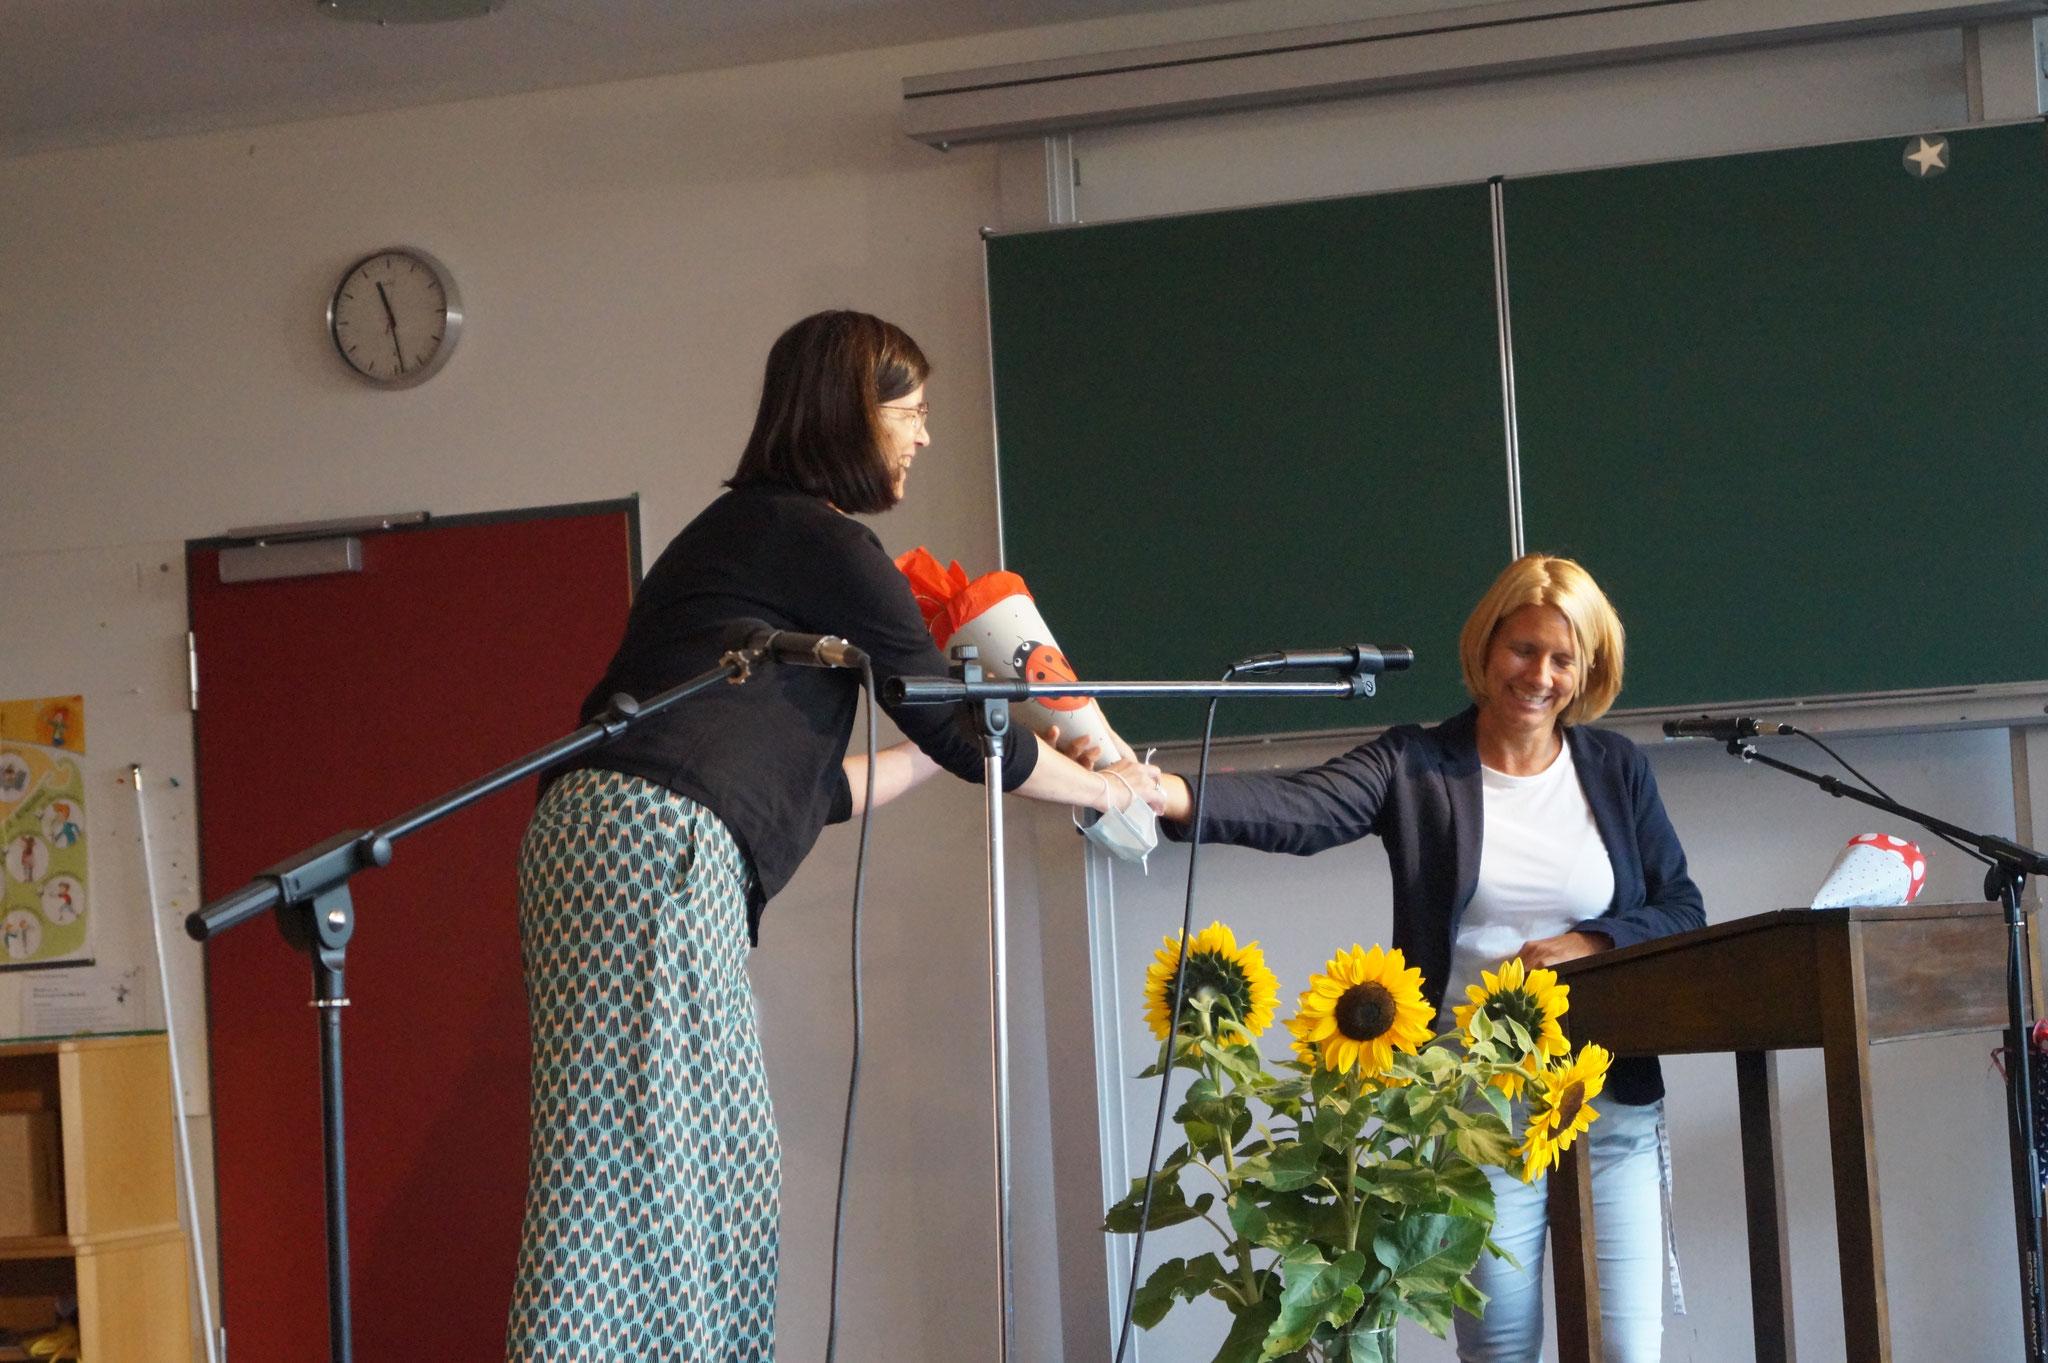 Frau Müller bekommt auch eine Schultüte